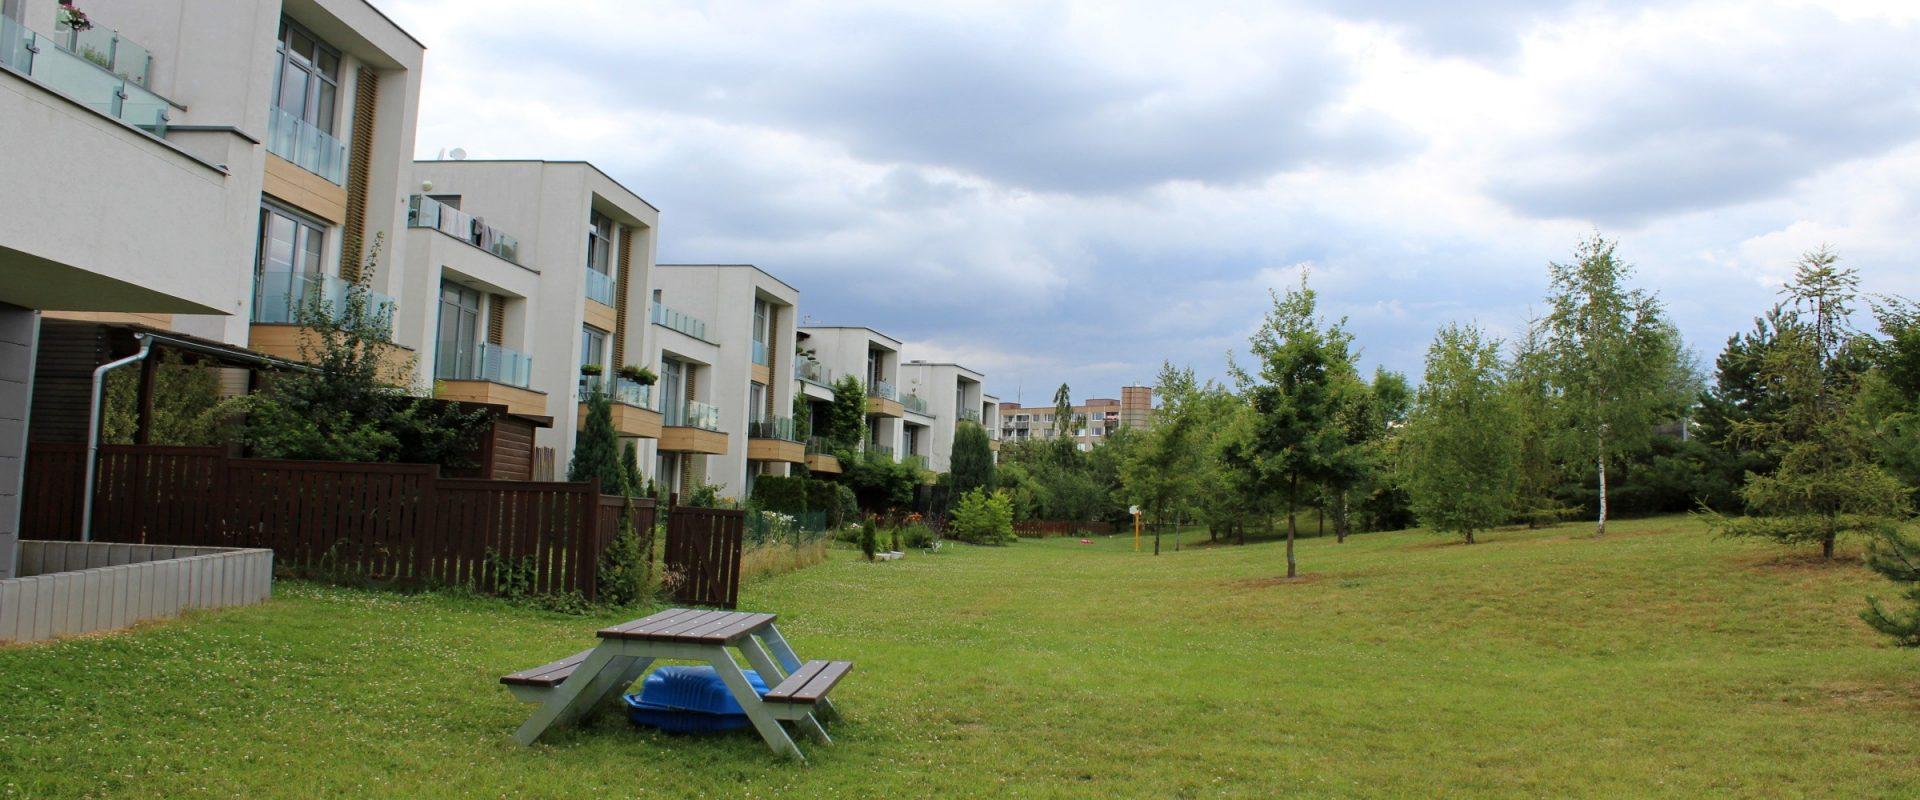 Byt OV/49 m2, parkovací stání, ul. Geologická, P-5 Hlubočepy.